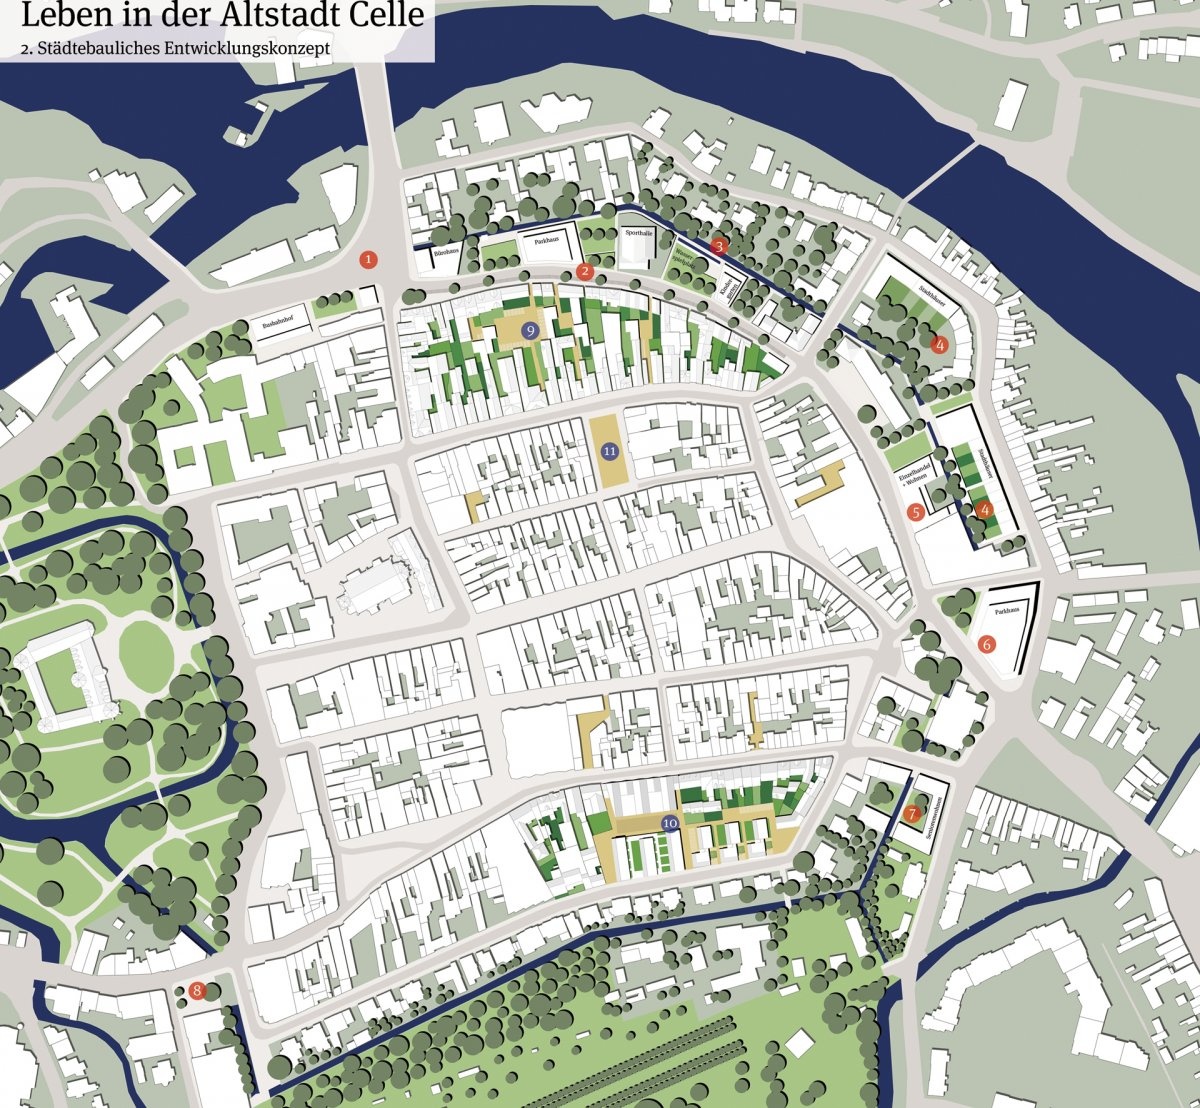 Ein 3. Preis – Umbau Stadt mit Prof. Dr. phil. habil. Hans Rudolf Meier